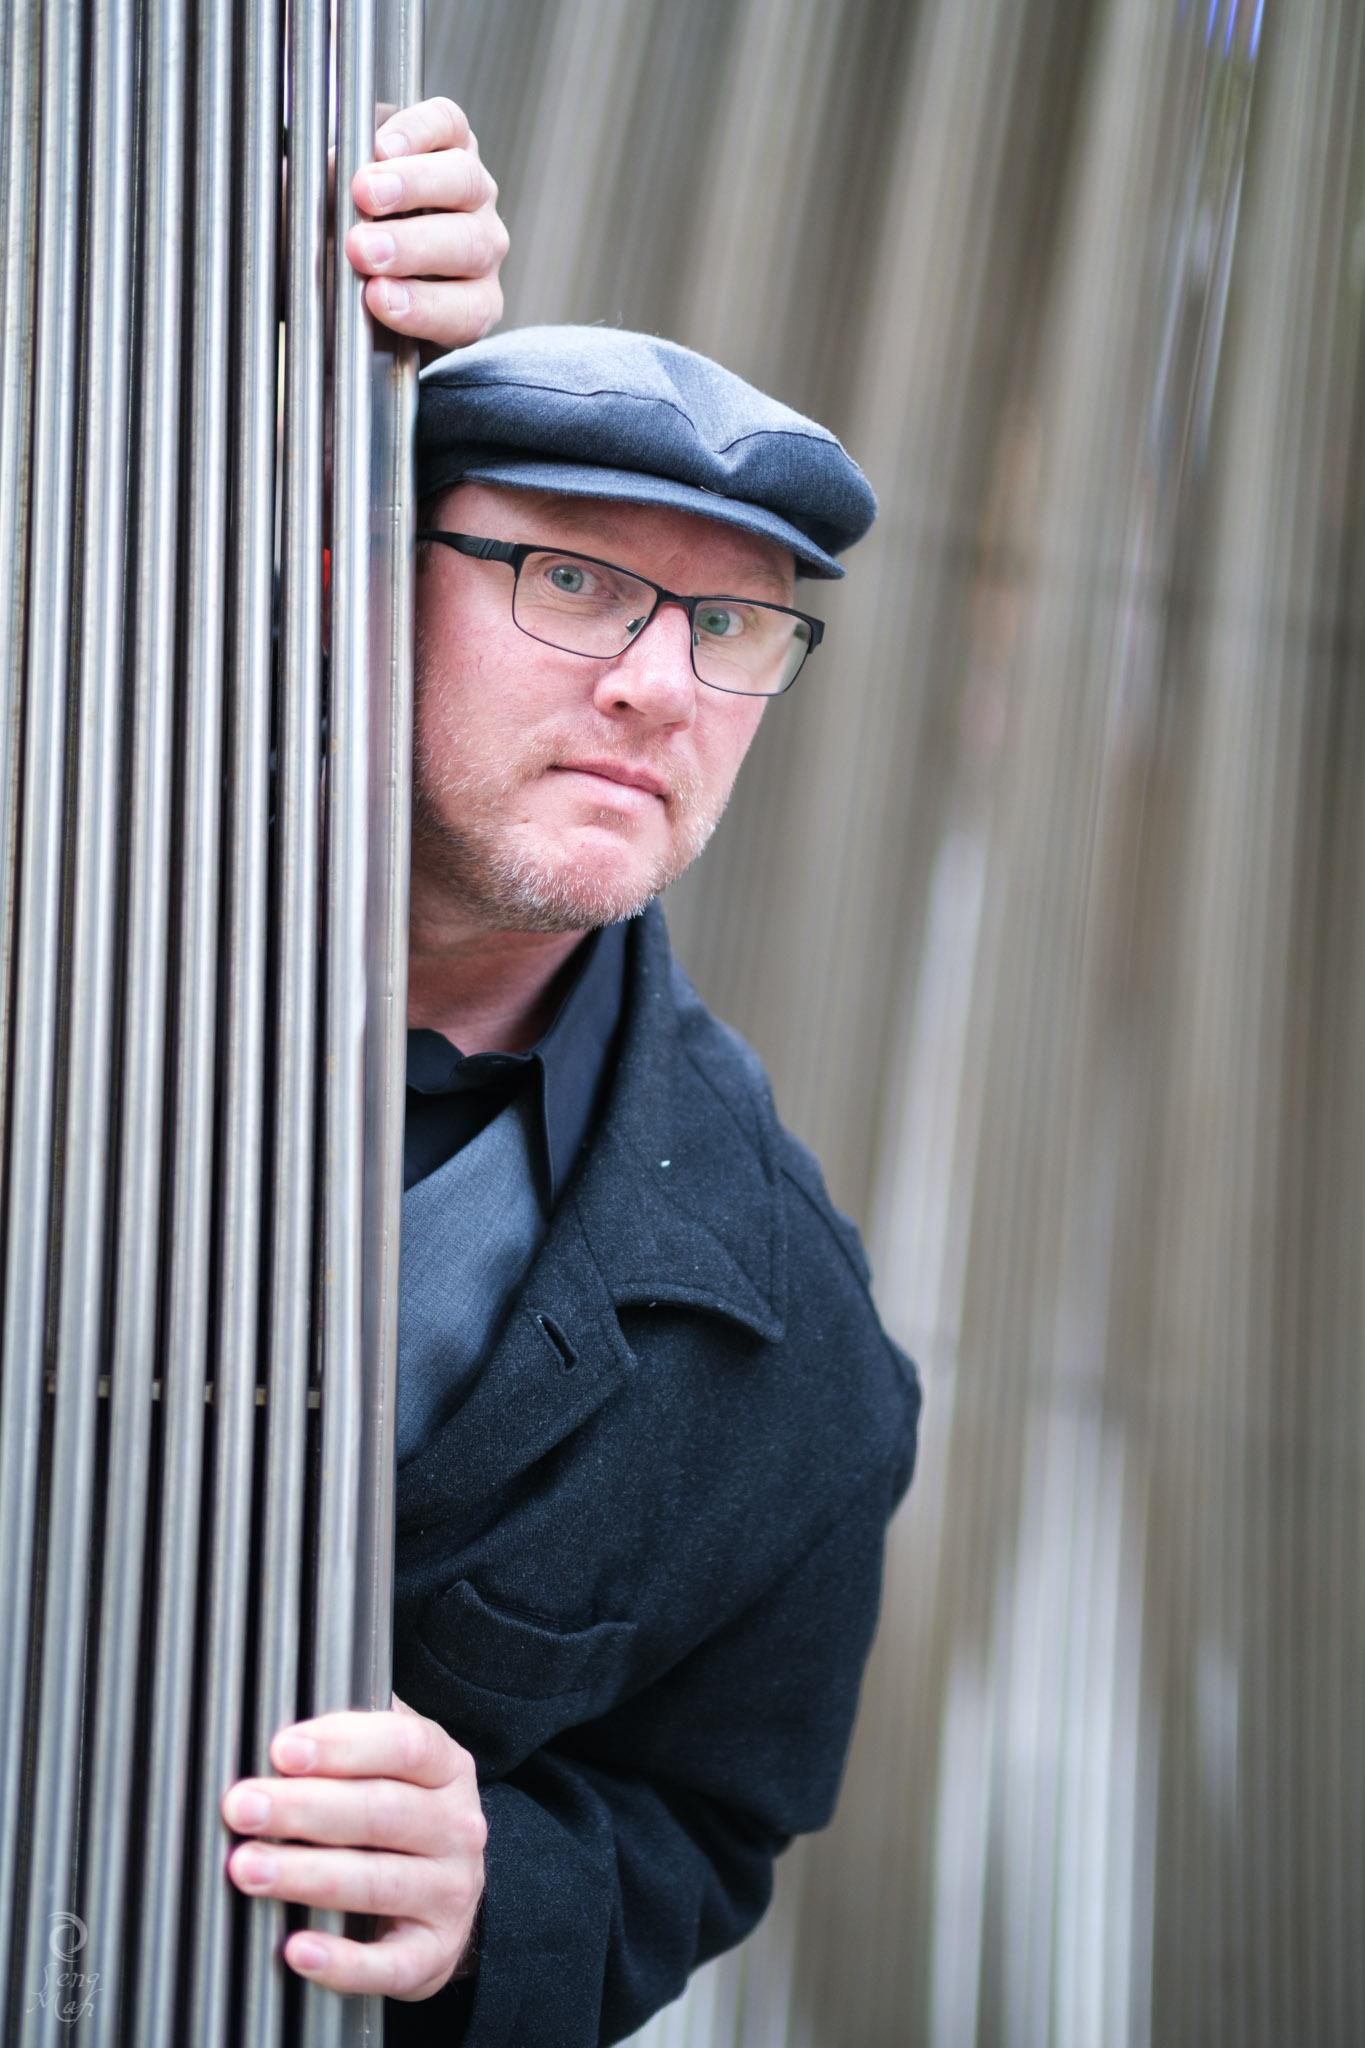 Man peeking from behind sculpture